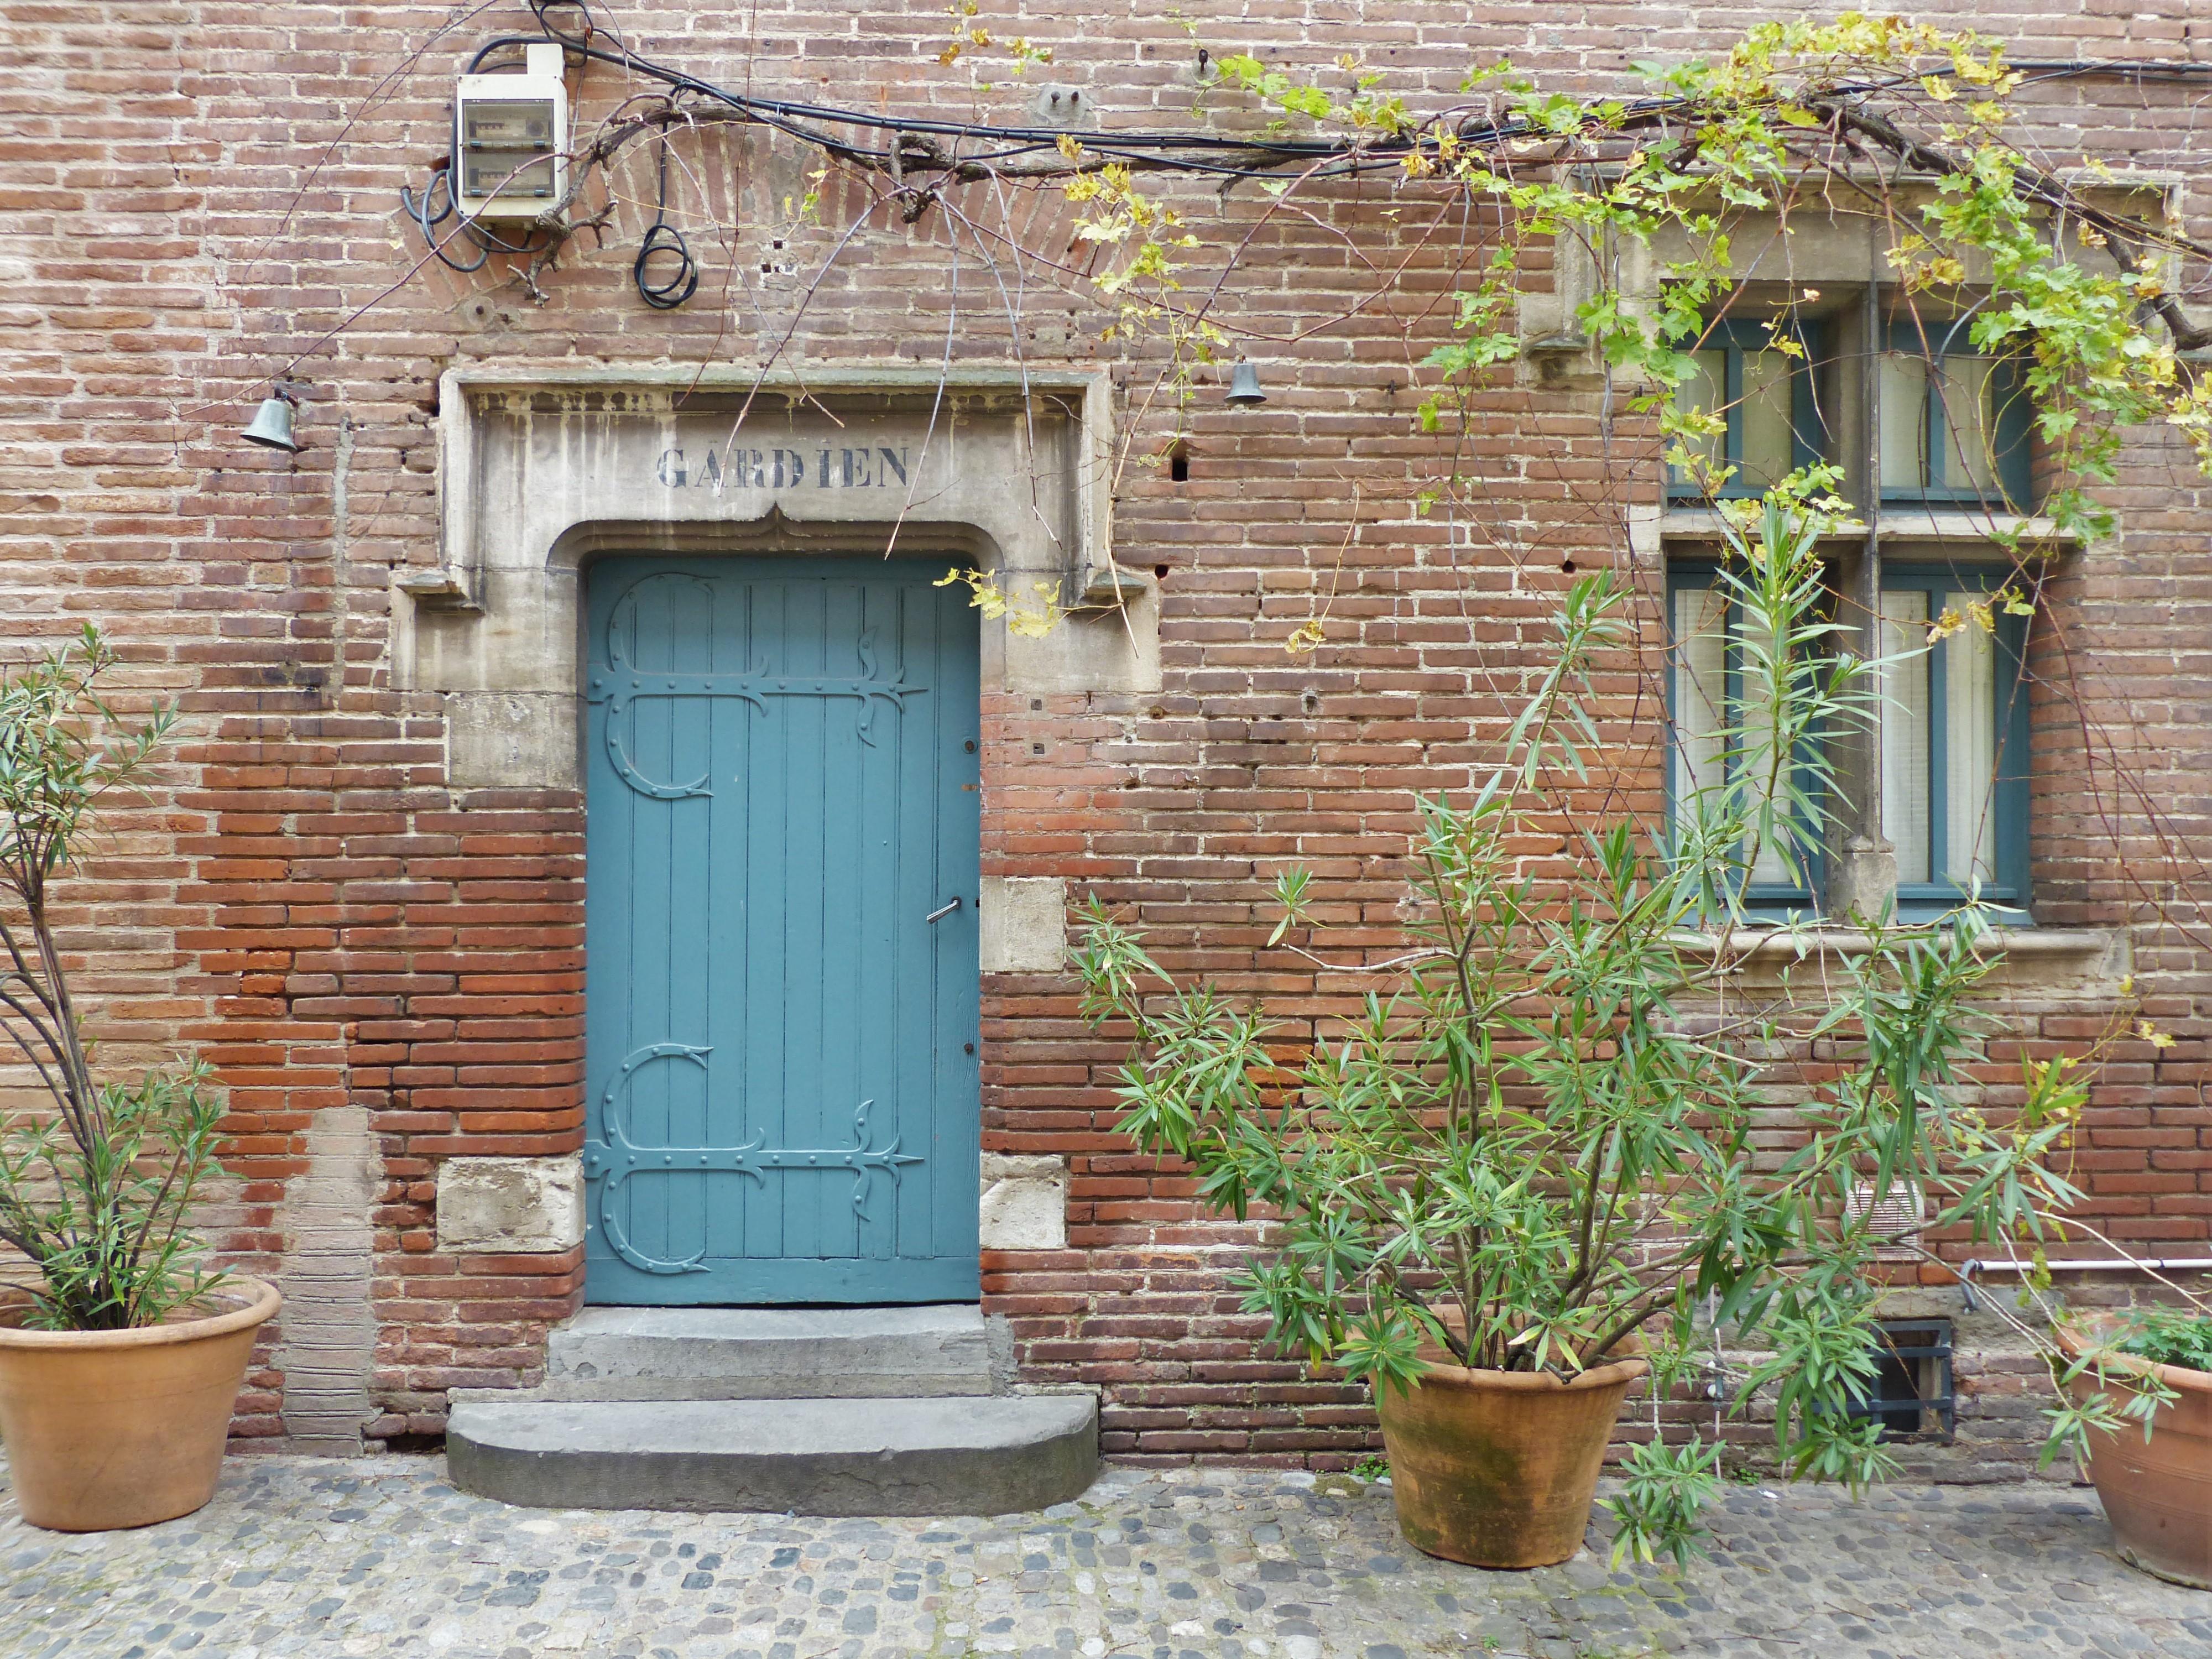 Toulouse - Musee Saint-Raymond